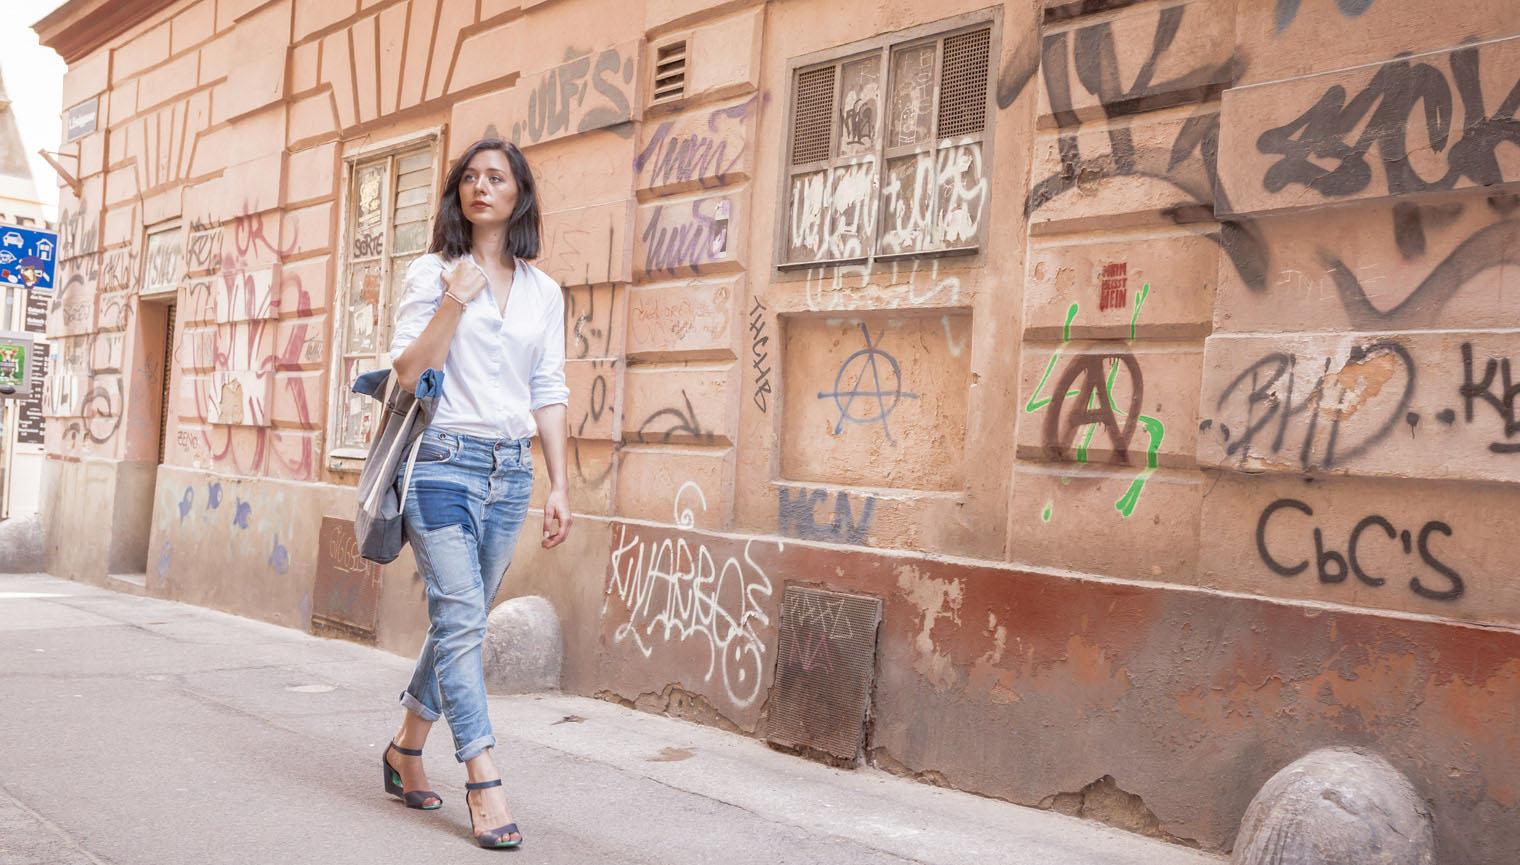 Eine junge Frau mit Jeans und weißer Bluse geht in Wien an einer besprayten Hausmauer vorbei.